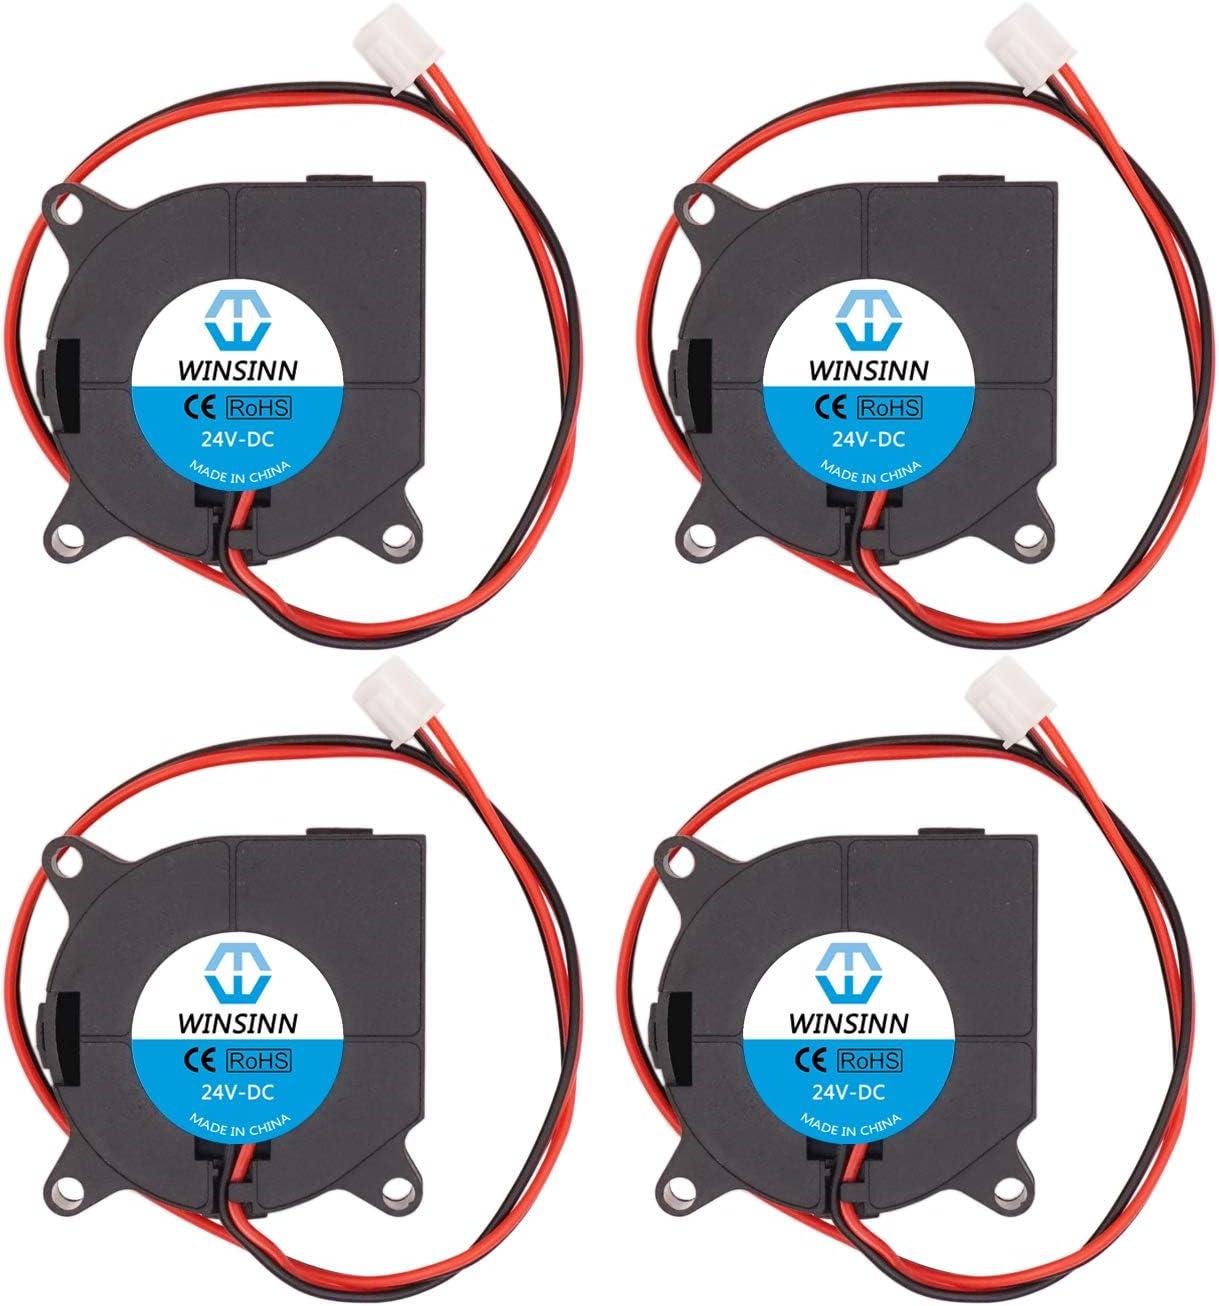 WINSINN 40mm Blower Fan 24V 4020 40x20mm Turbine Turbo Brushless Cooling for 3D Printer Extruder Hotend Pack of 4Pcs High Speed